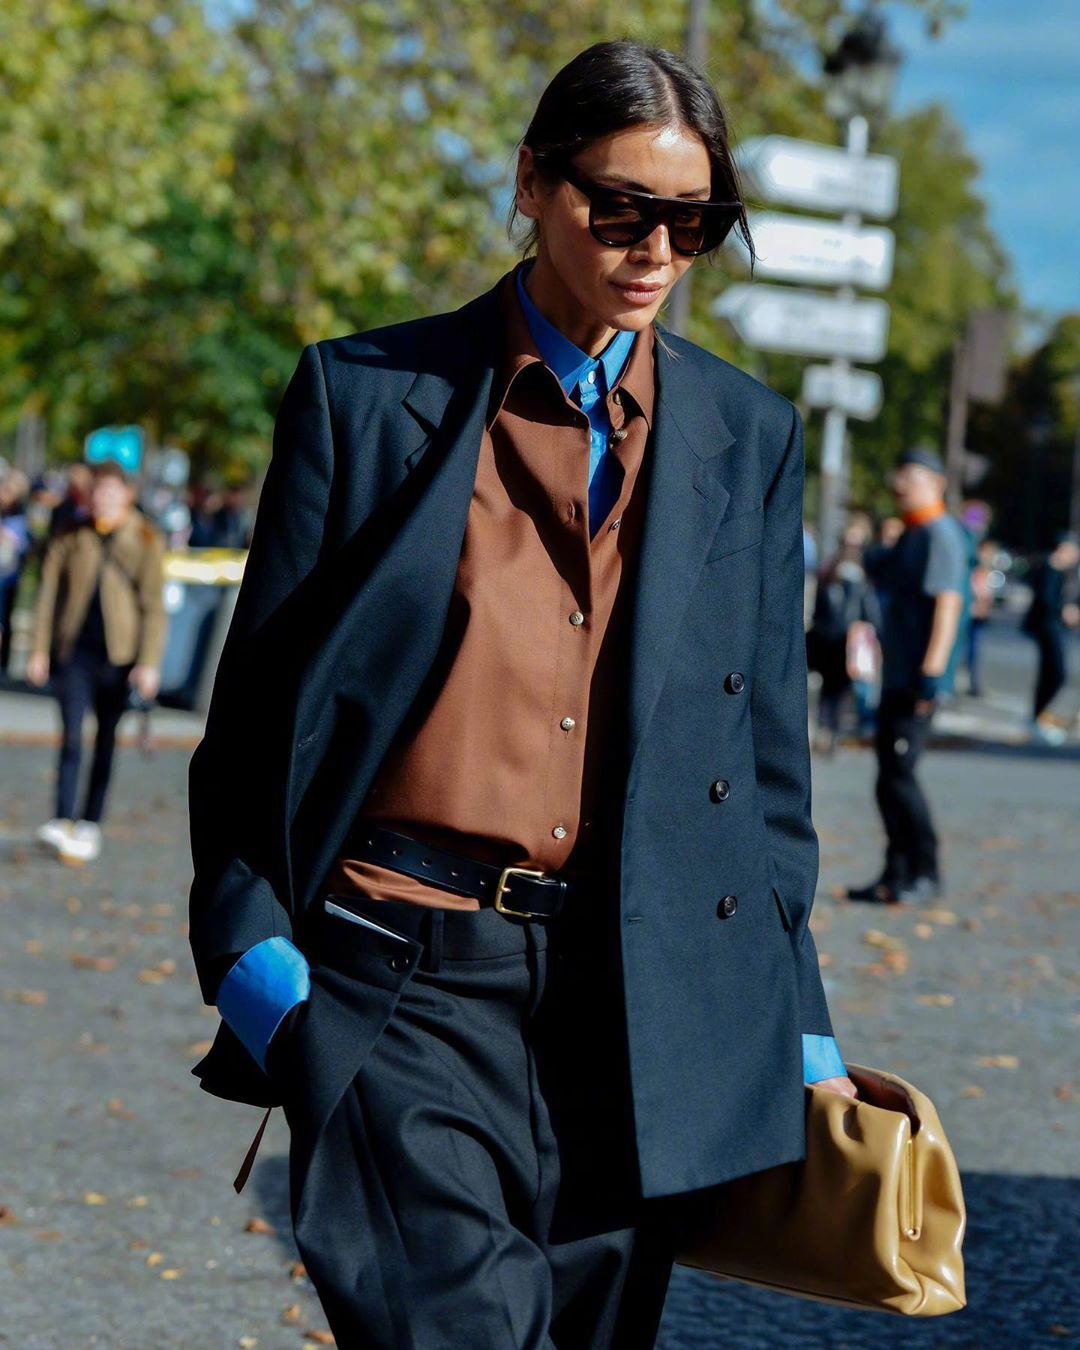 街拍摄影大师Tommy Ton 镜头下的街头时髦客。